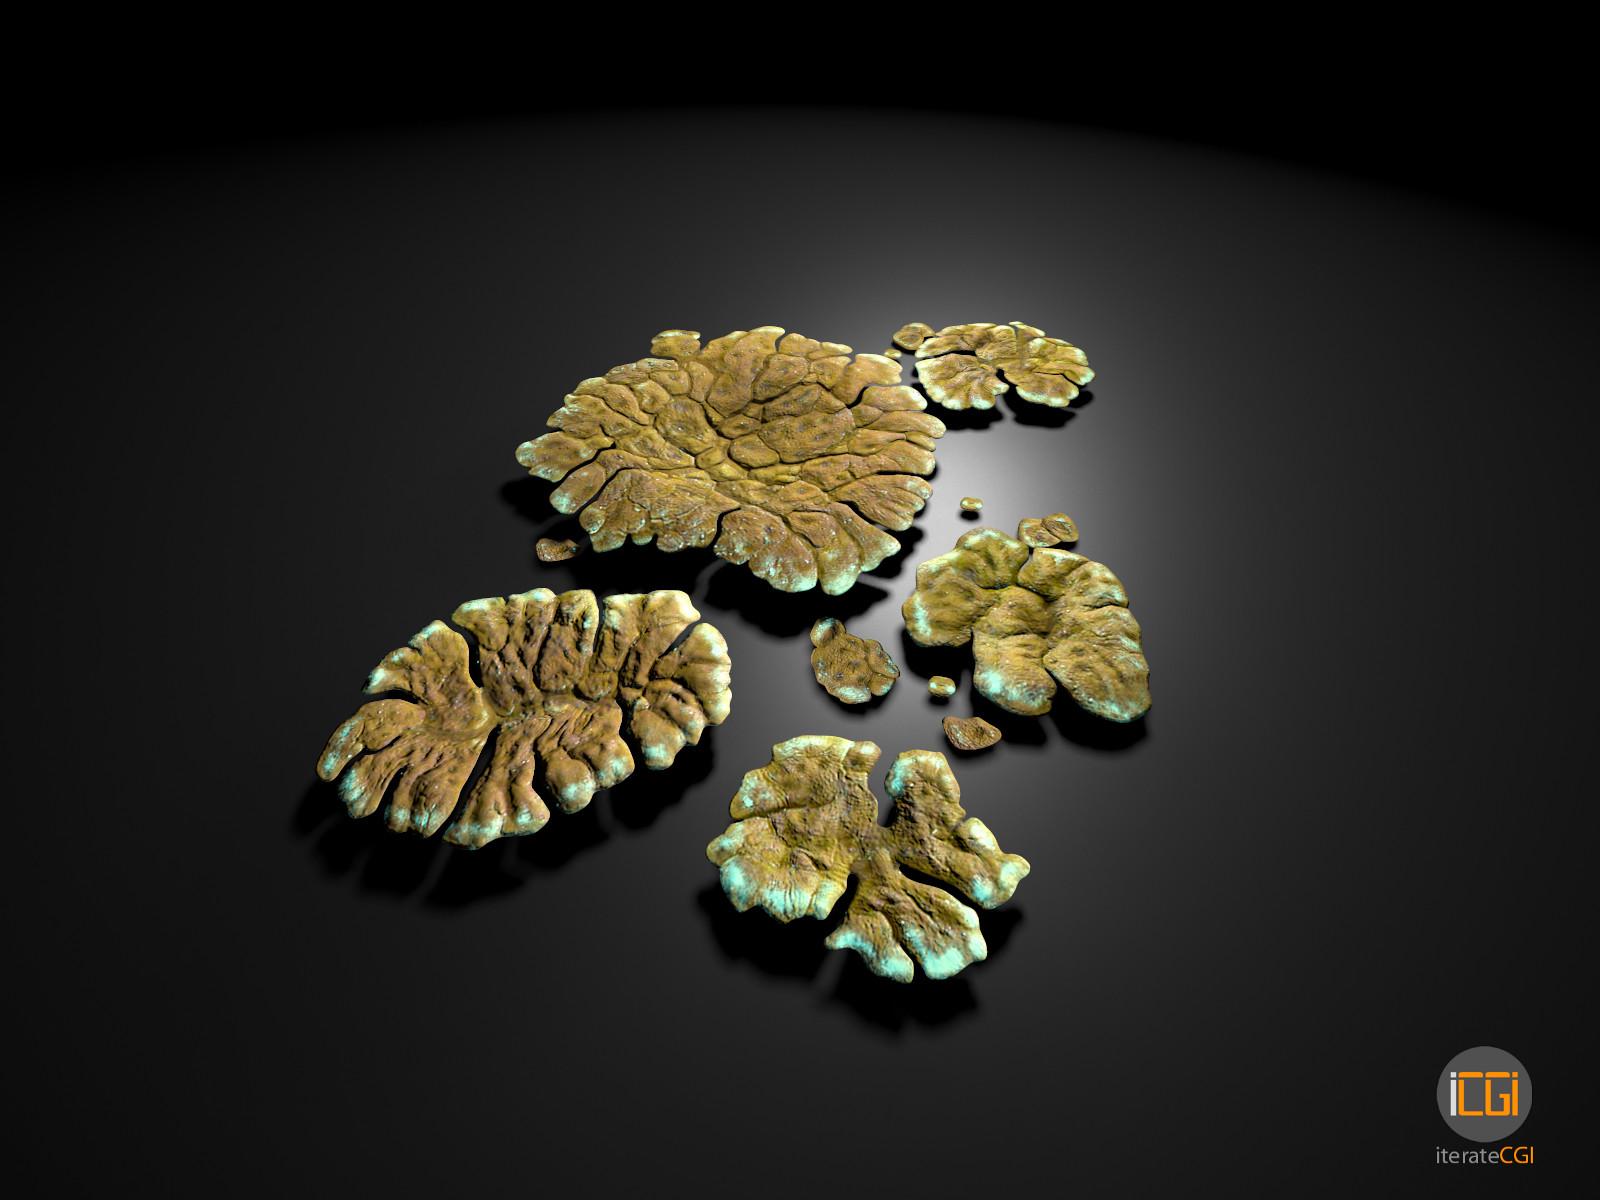 Johan de leenheer alien plant lichen type1 5